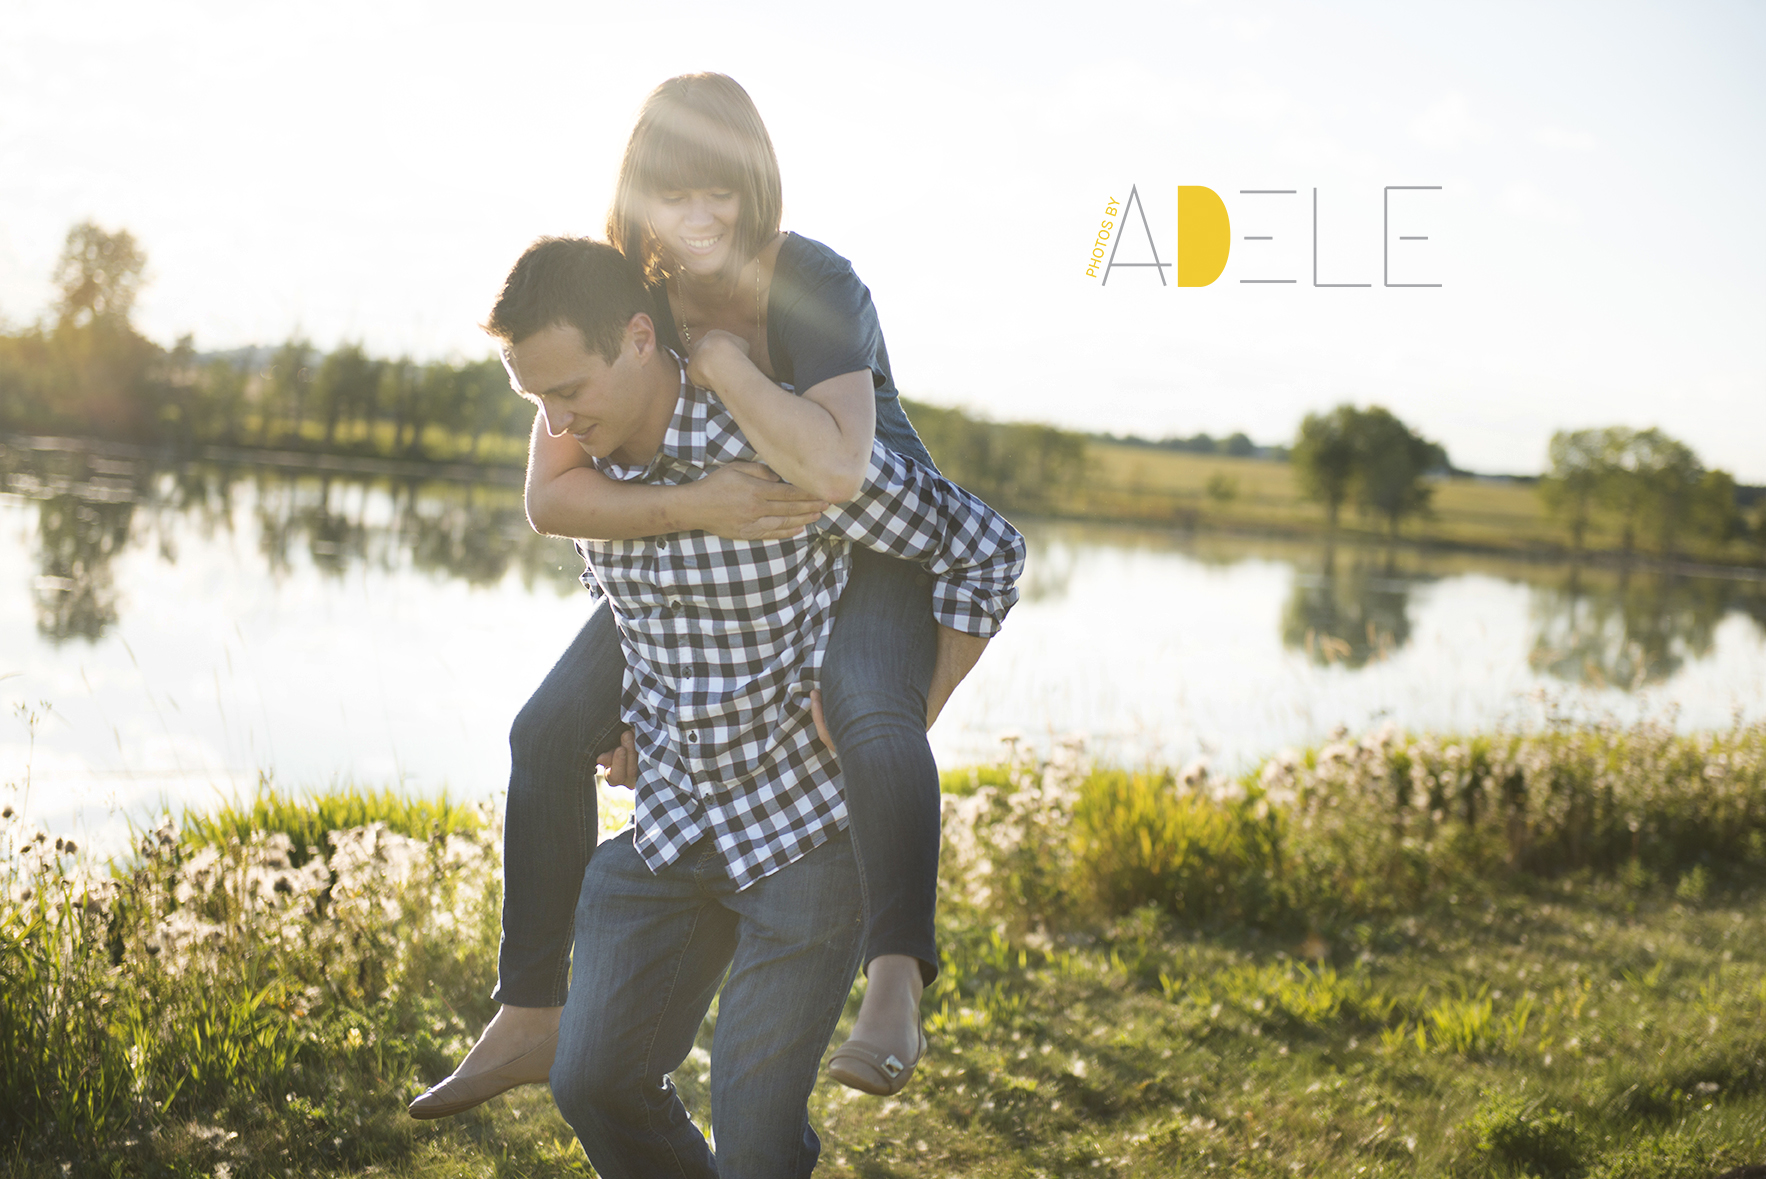 Chantel&Aelx7526.jpg